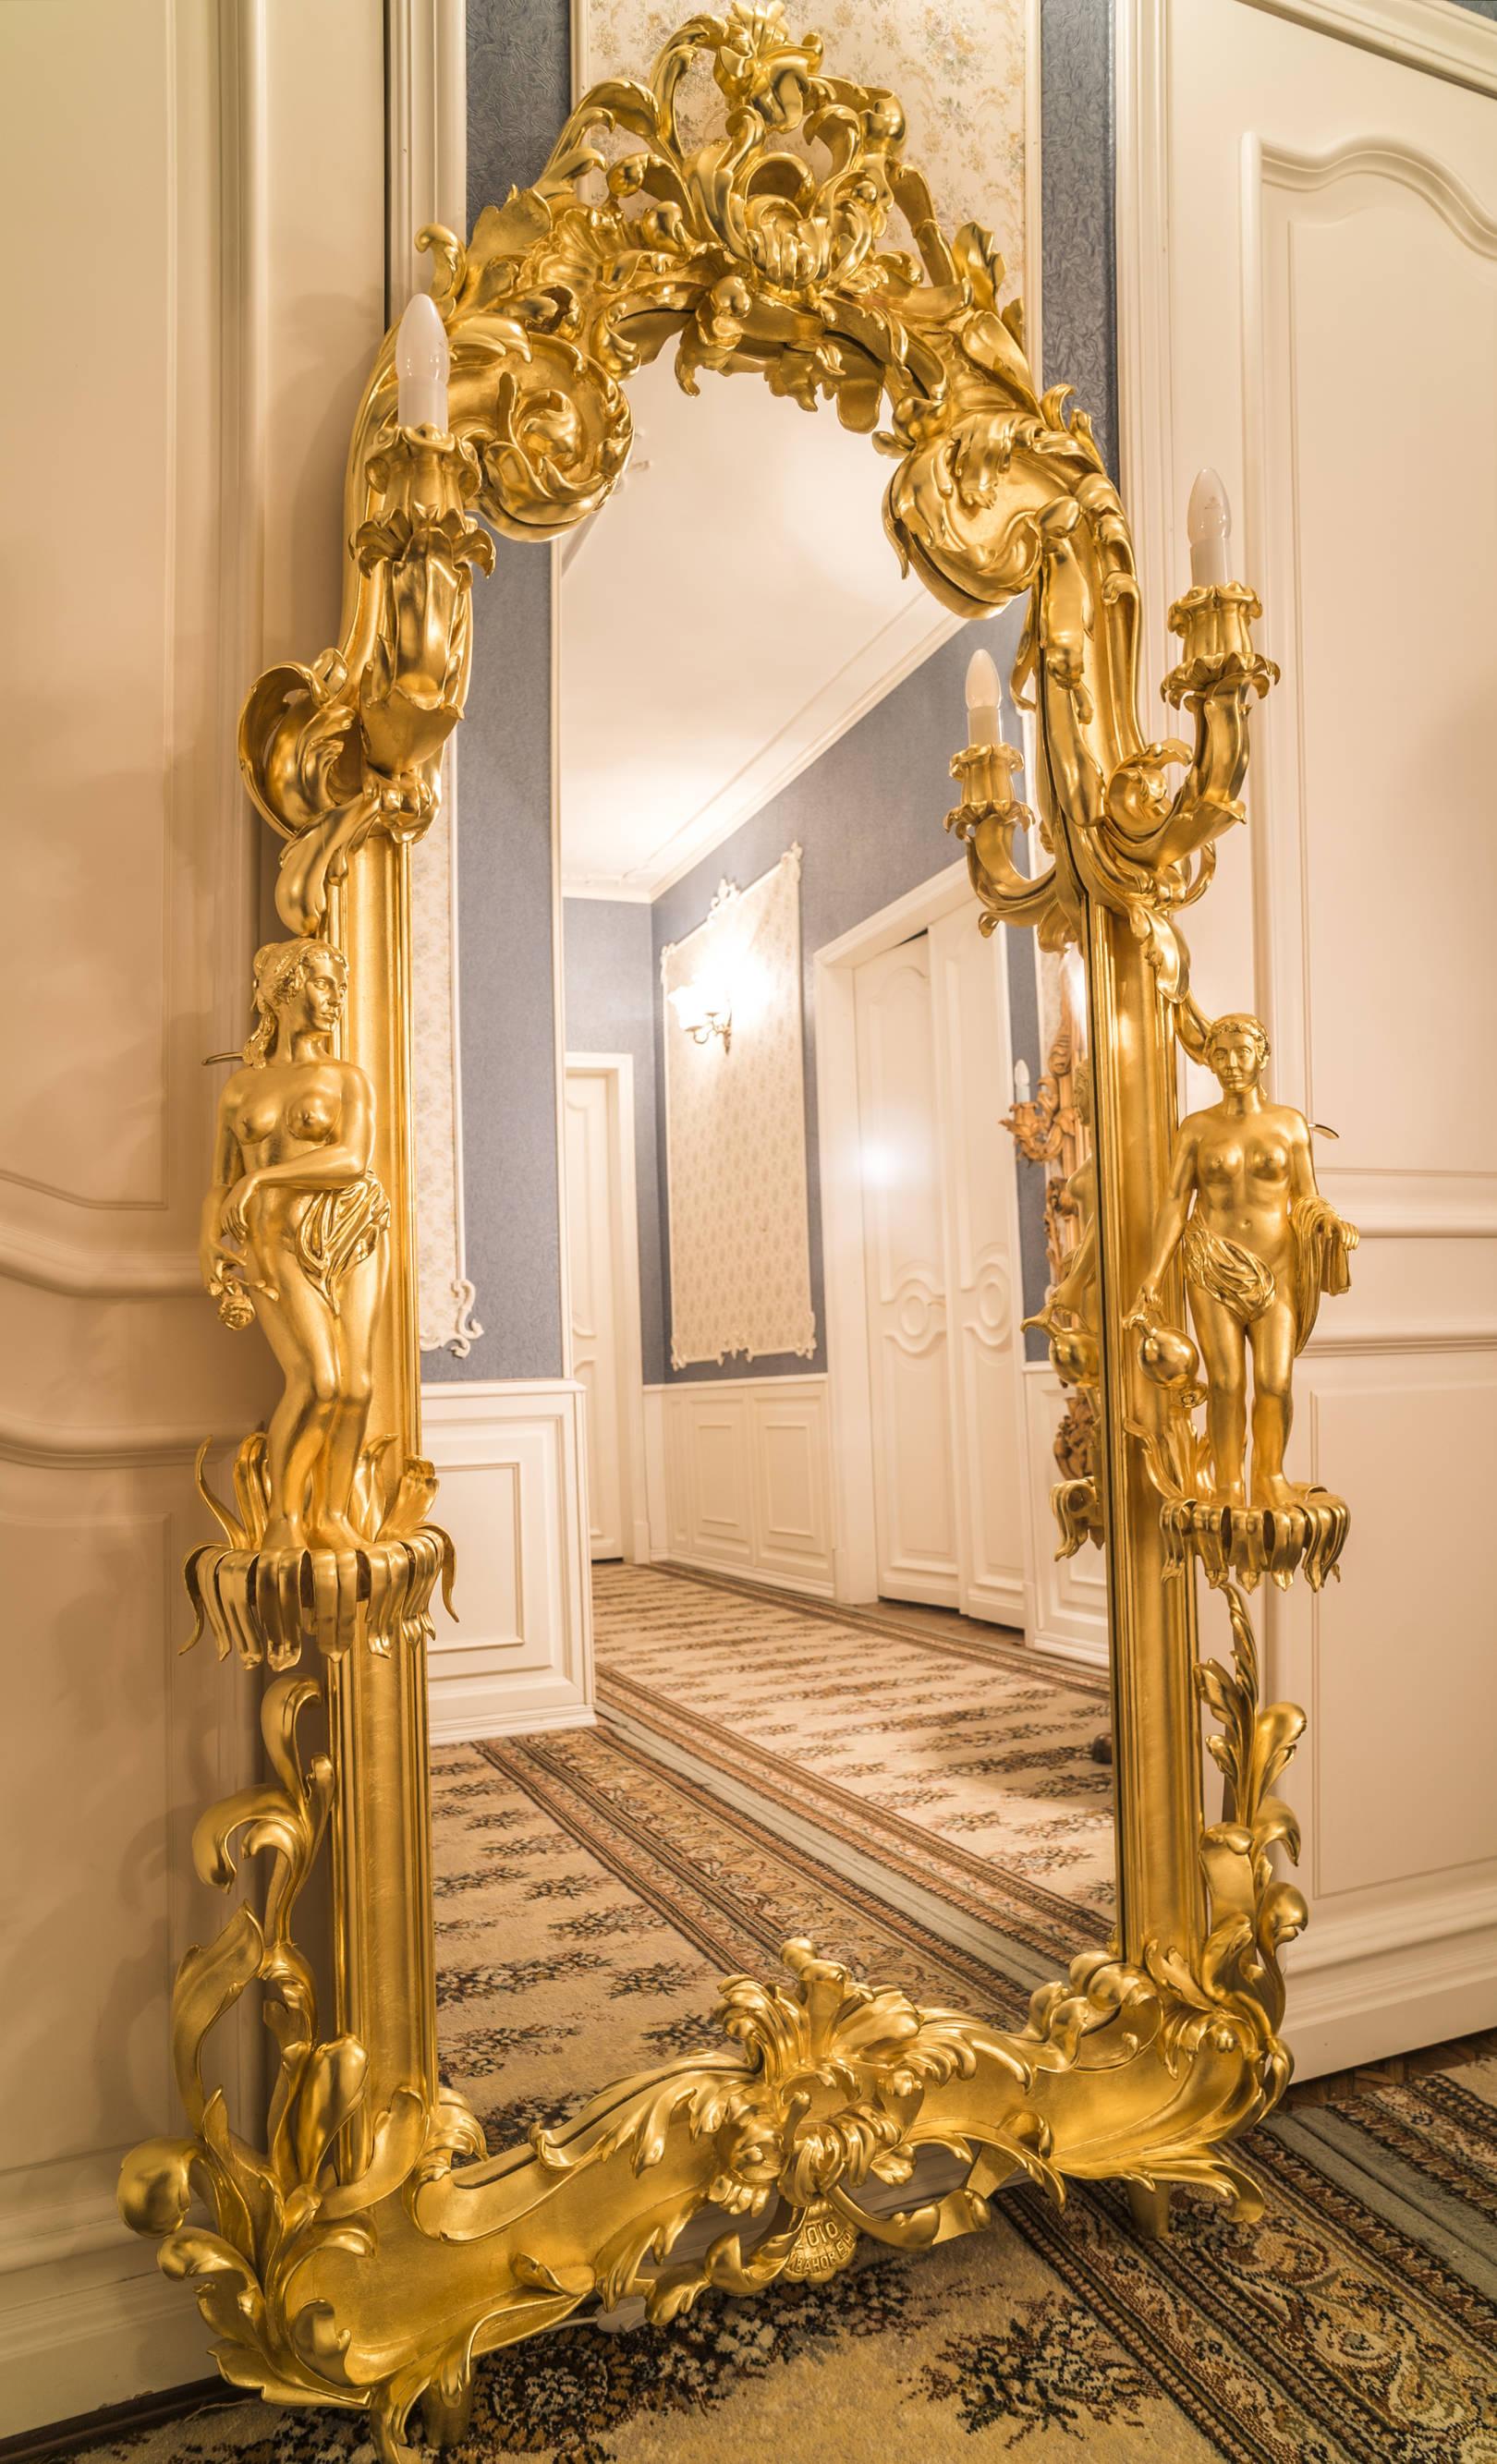 .Зеркало настенное  в резной позолоченной раме с подсветкой Высота 1,90м, ширина1м.  2010 год